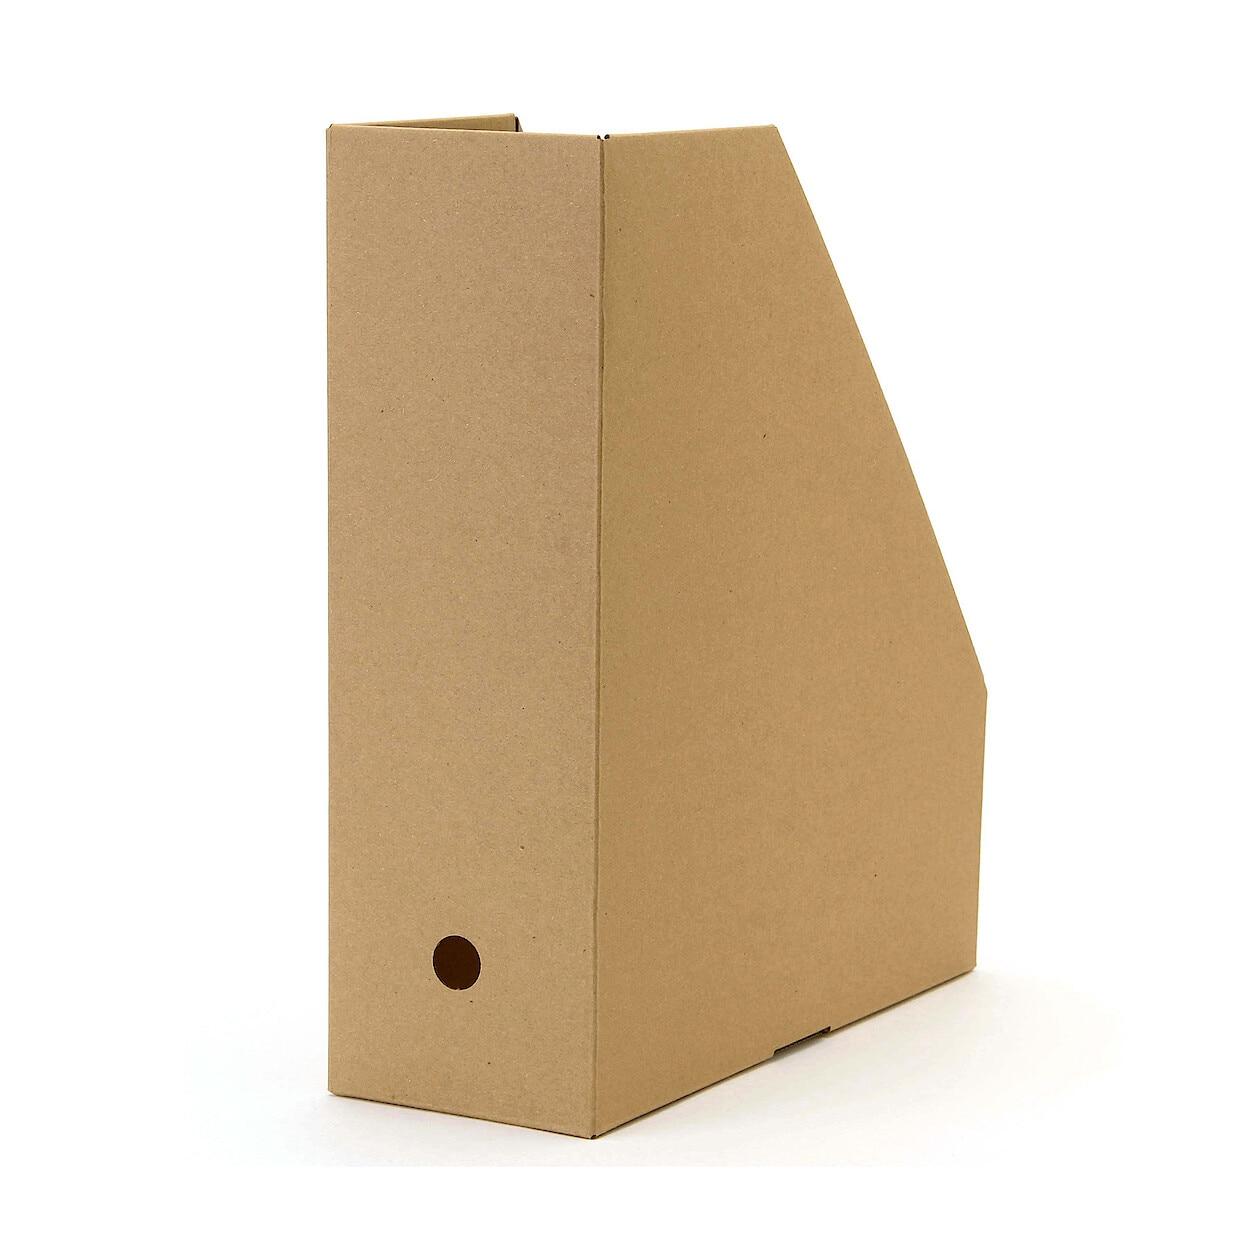 ワンタッチで組み立てられるダンボールスタンドファイルボックス・5枚組の写真